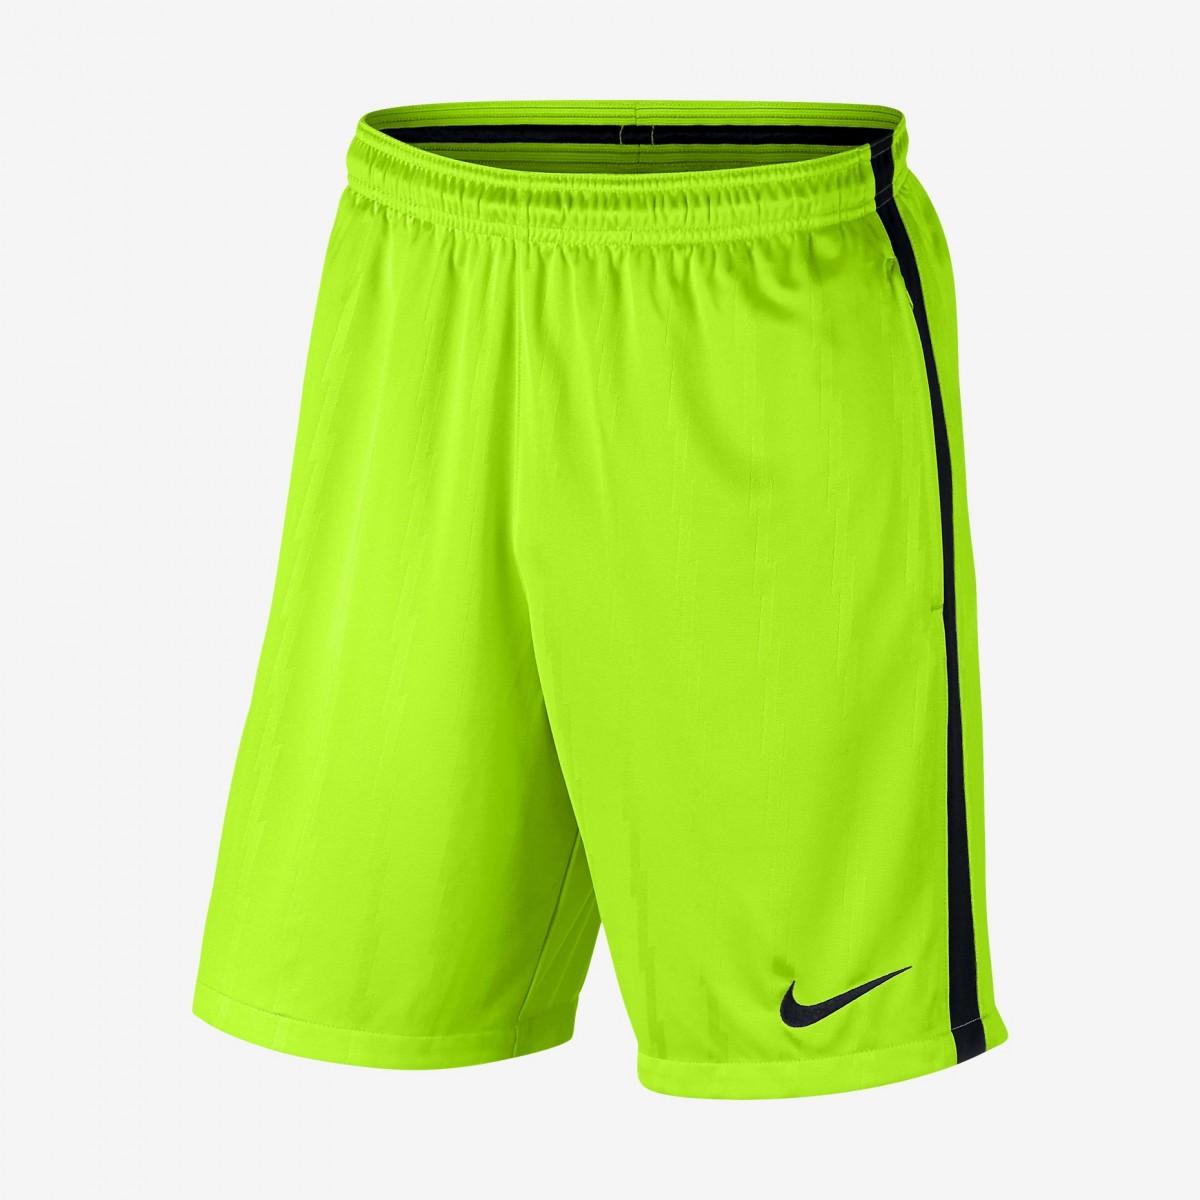 50fa840f76767 Calção de Futebol Nike Squad 833012-336 - Verde Preto - Calçados ...